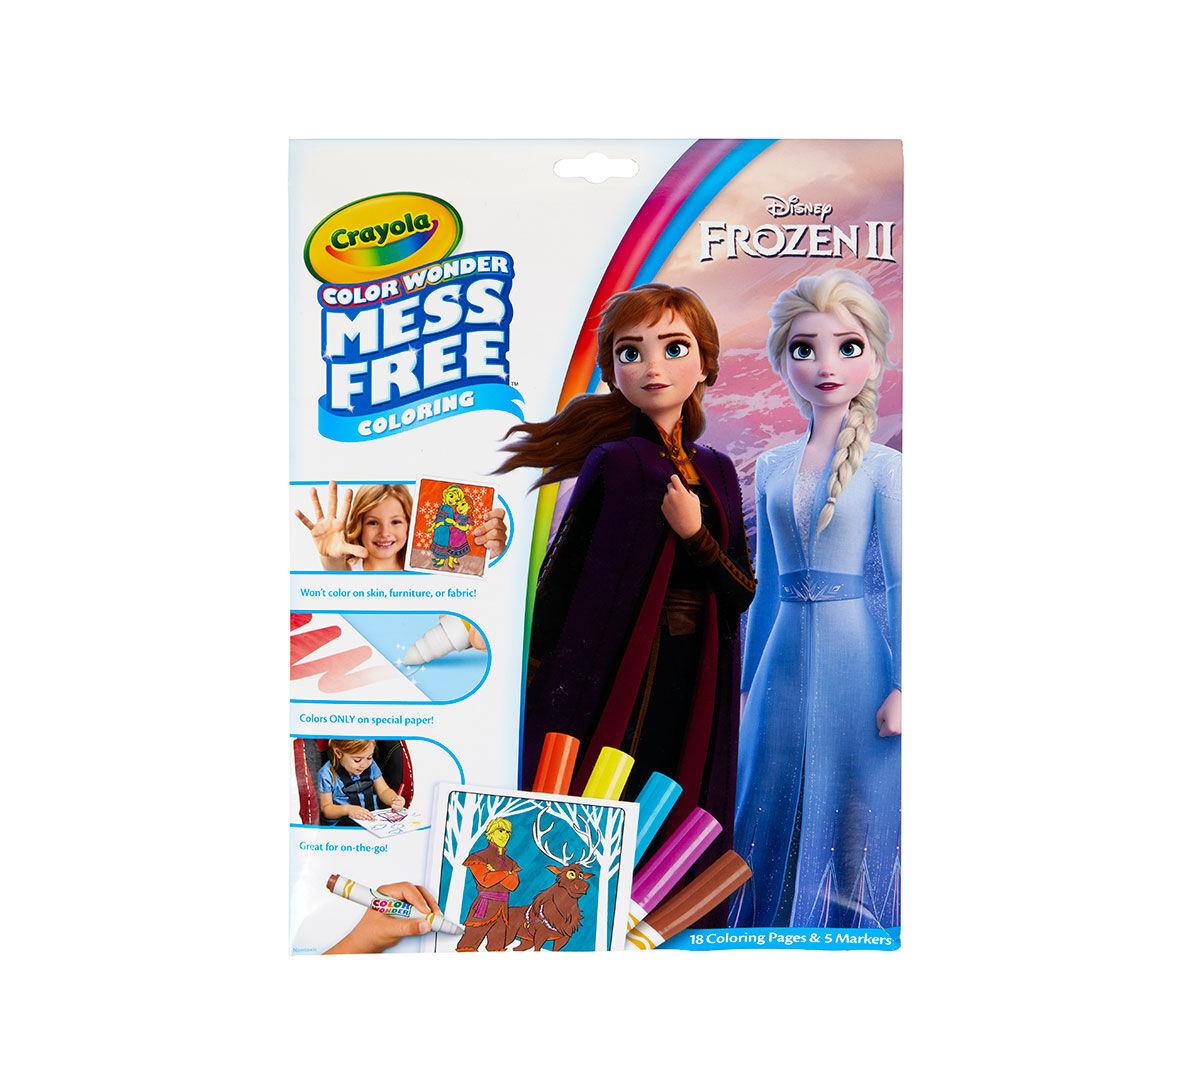 Frozen 2 Color Wonder Coloring Book Crayola.com Crayola